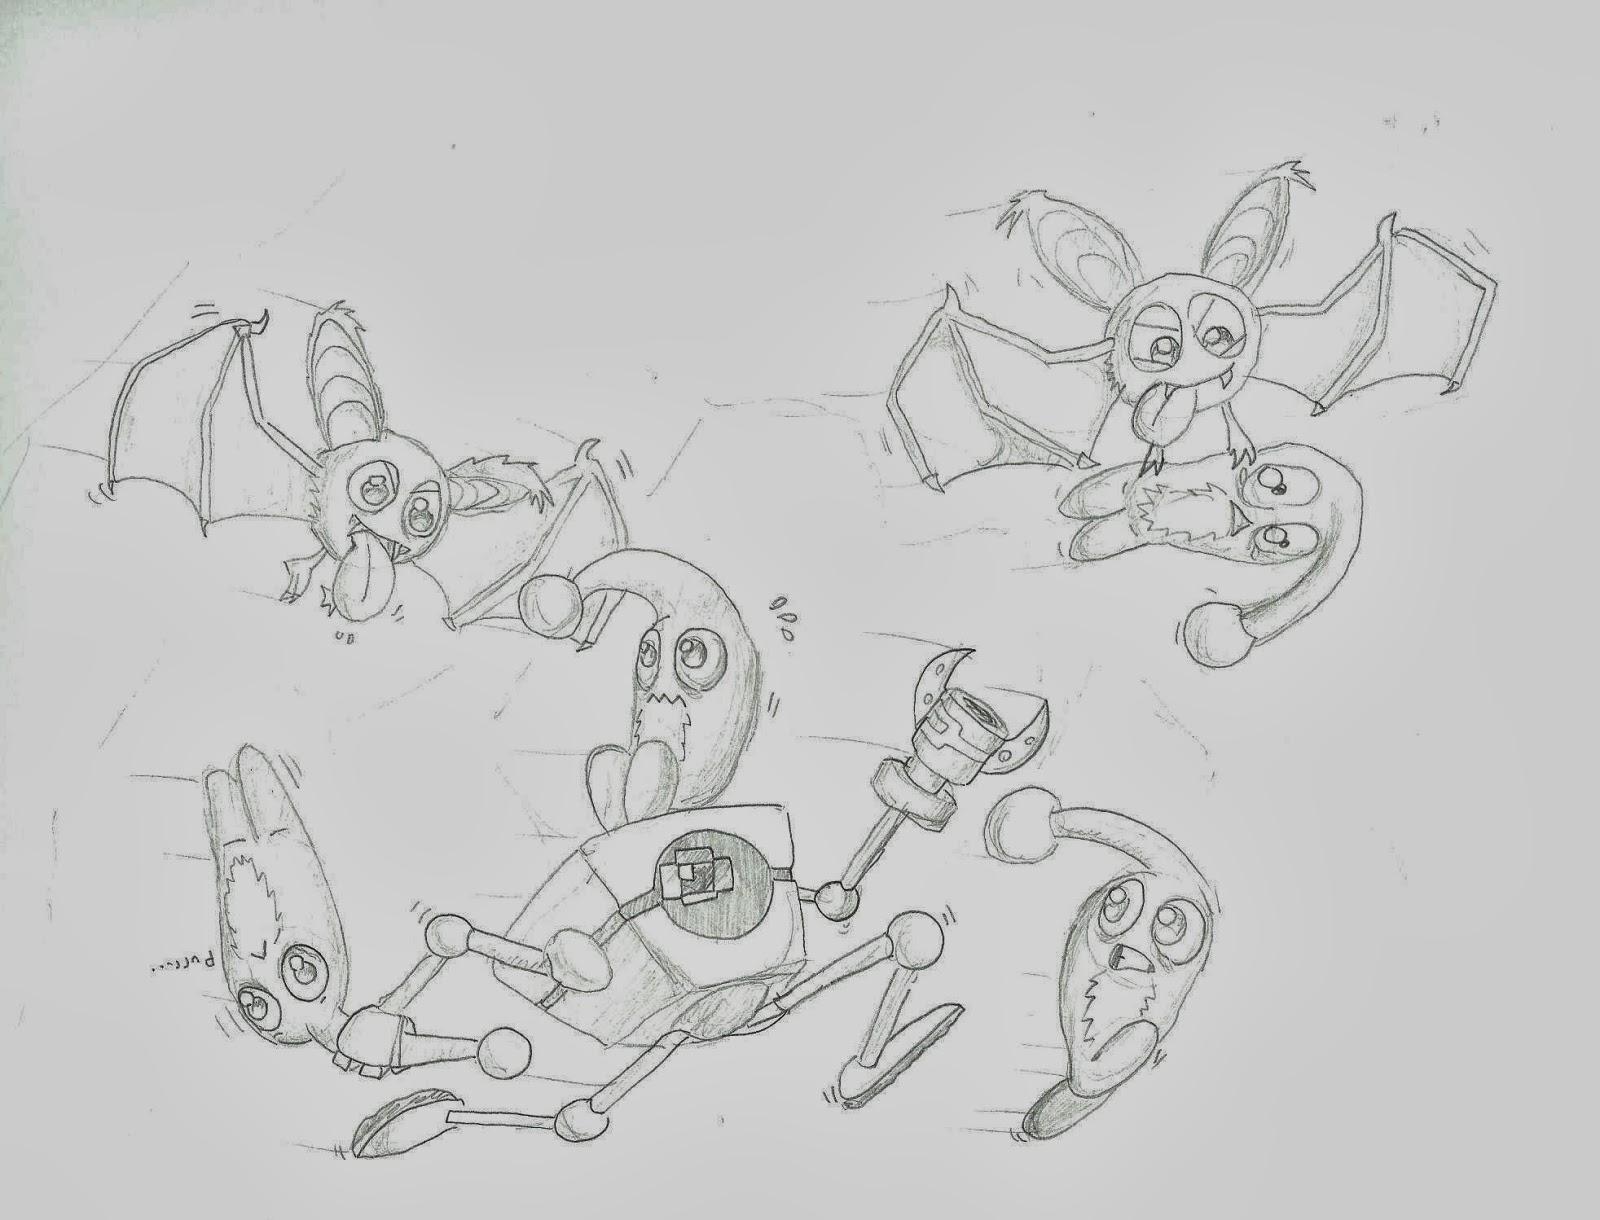 Caos Espacial 257: Algunos dibujos de Winkel